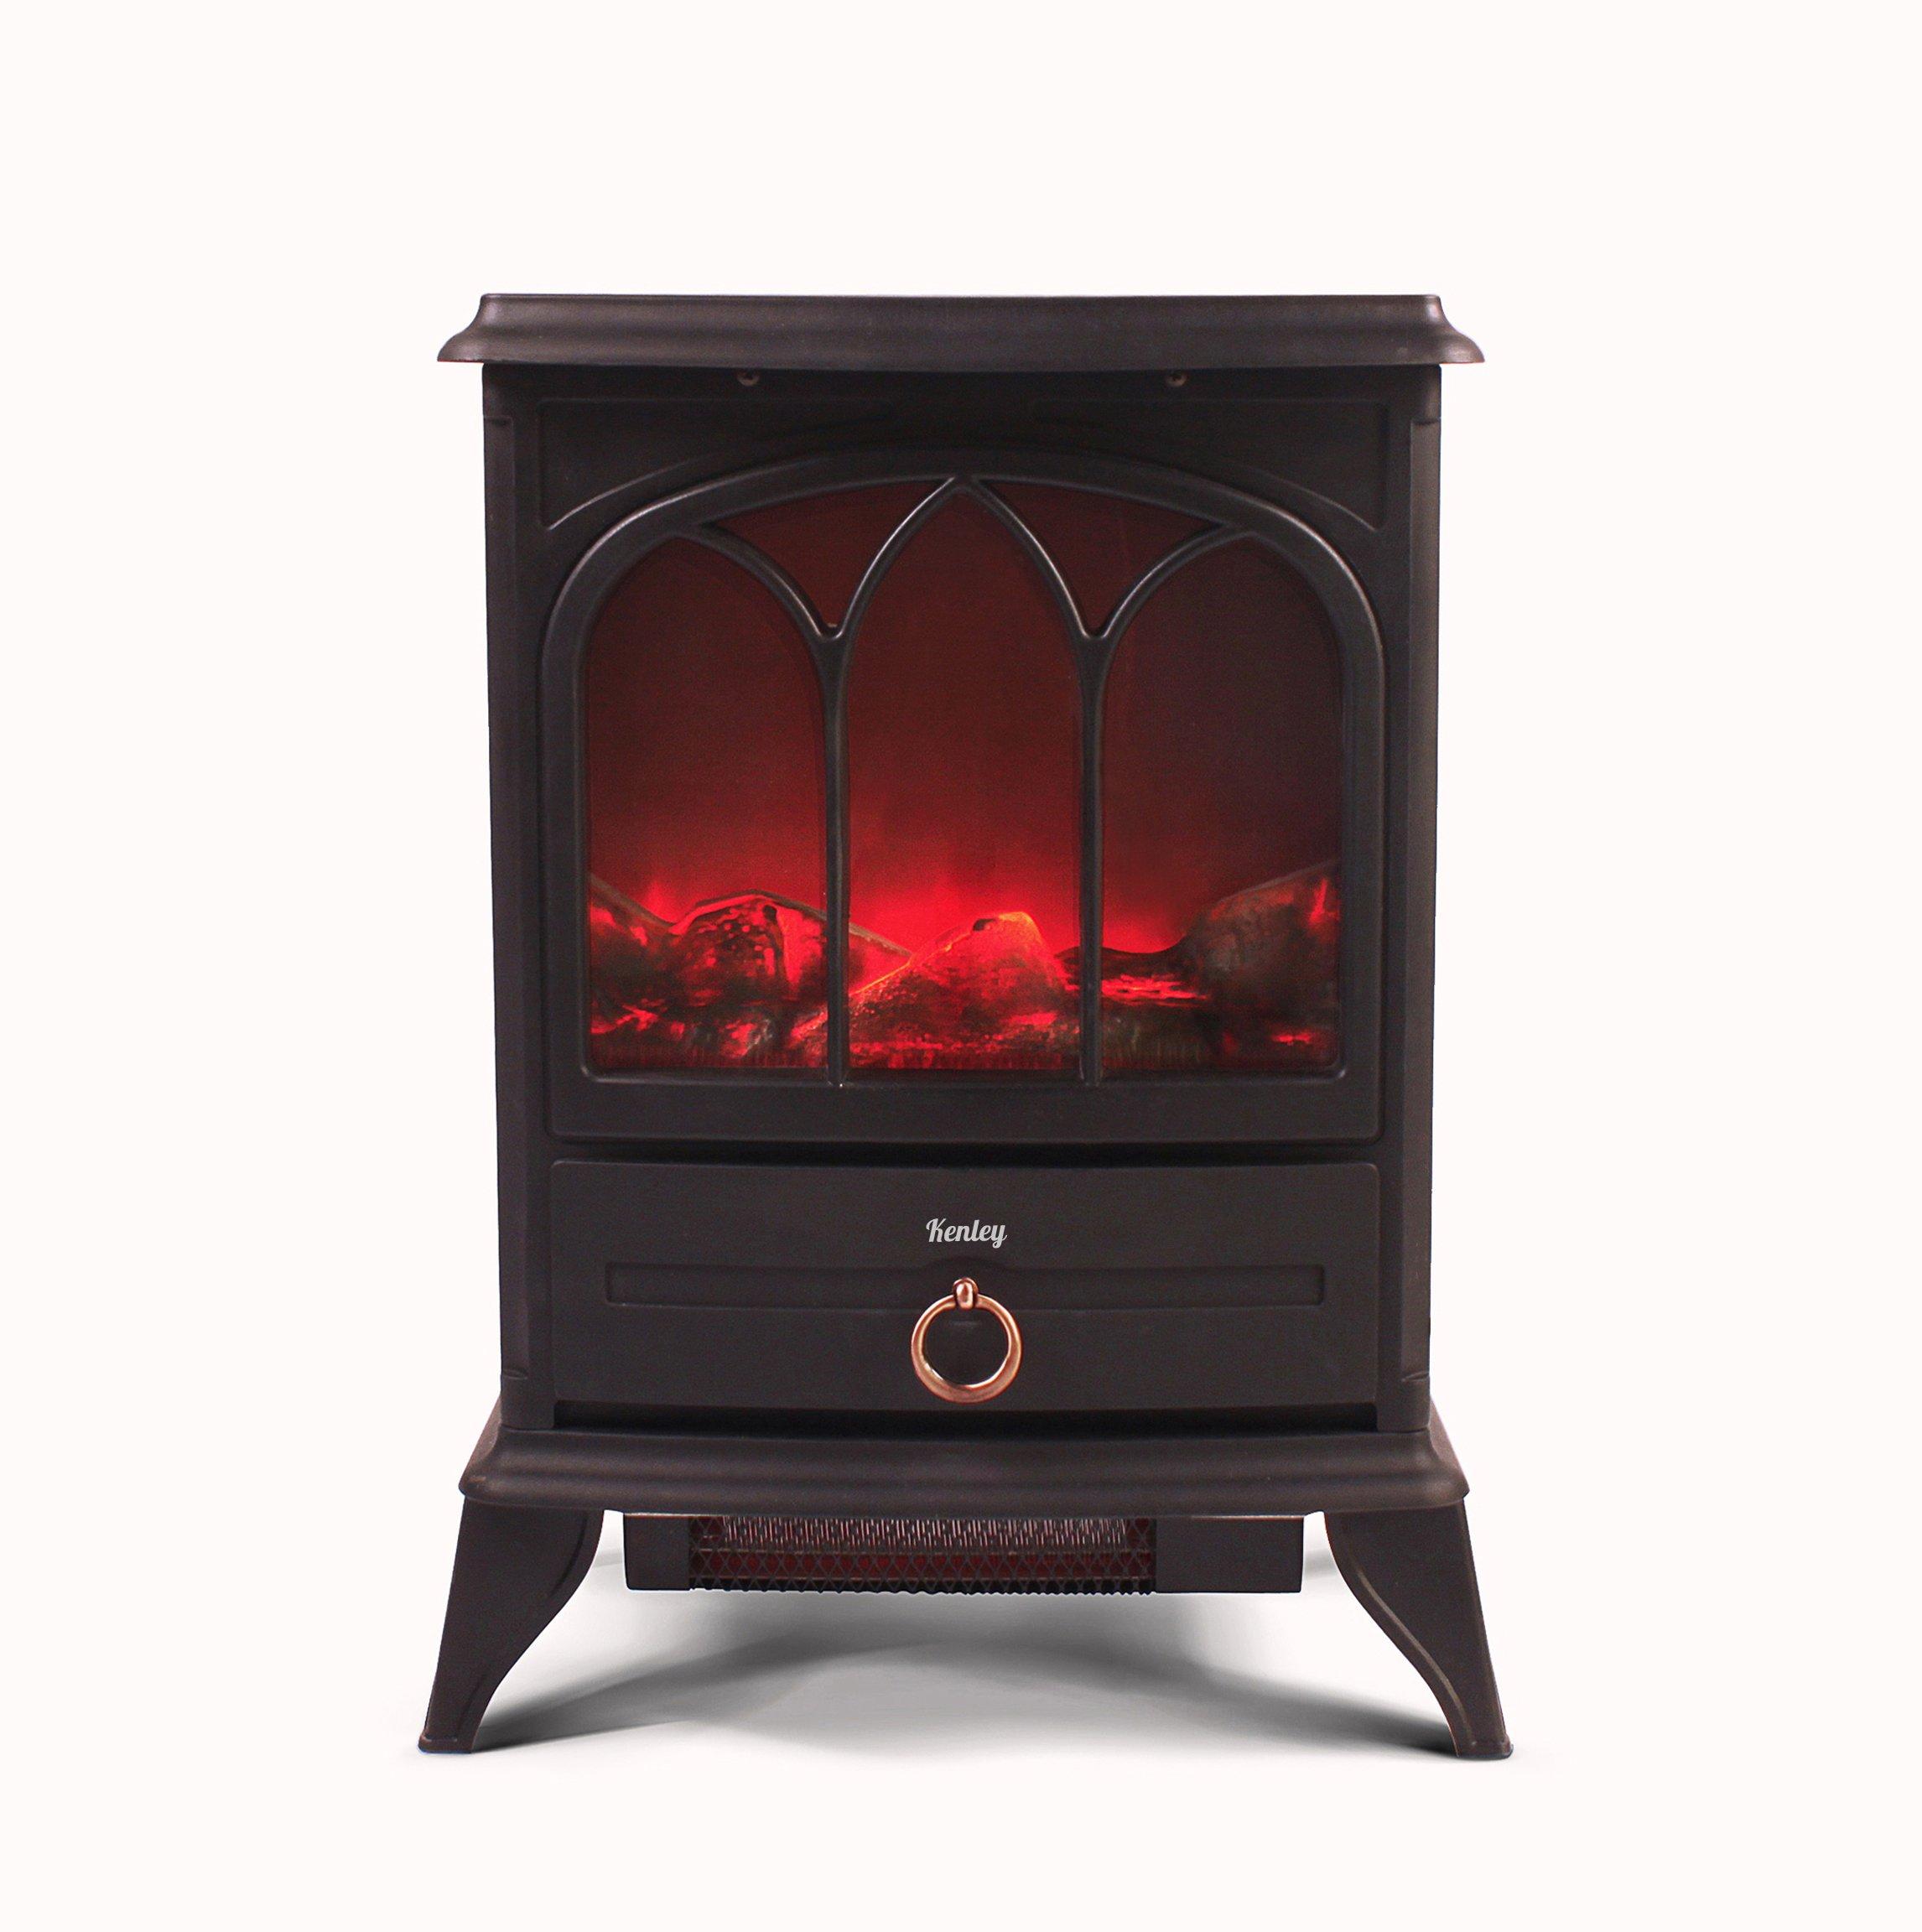 Kenley Chimenea Electrica - Efecto Estufa de Leña Ardiendo - Calefactor con Termostato - 1000W/